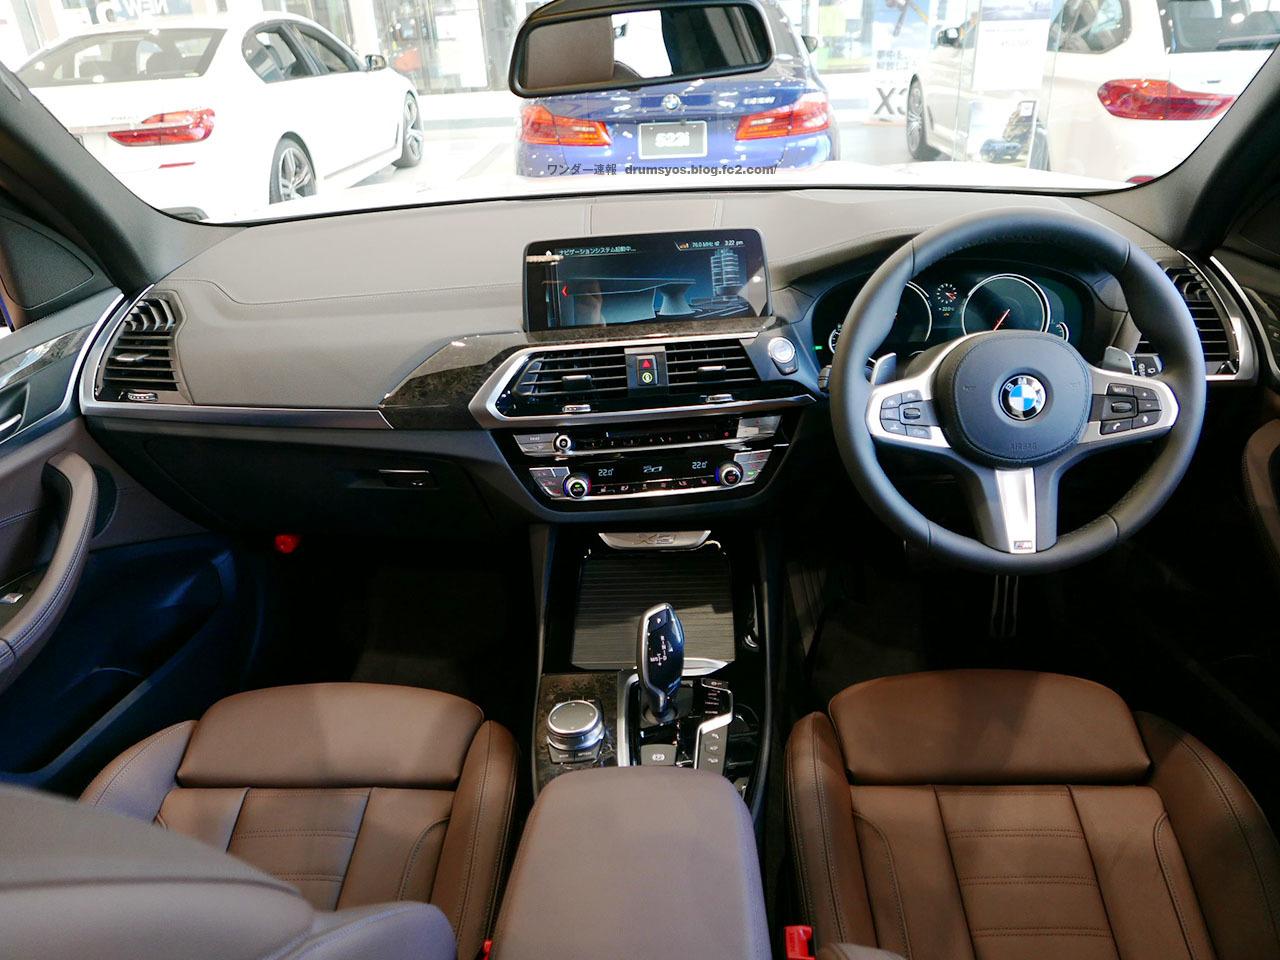 BMWX3_07_20181019120345a51.jpg